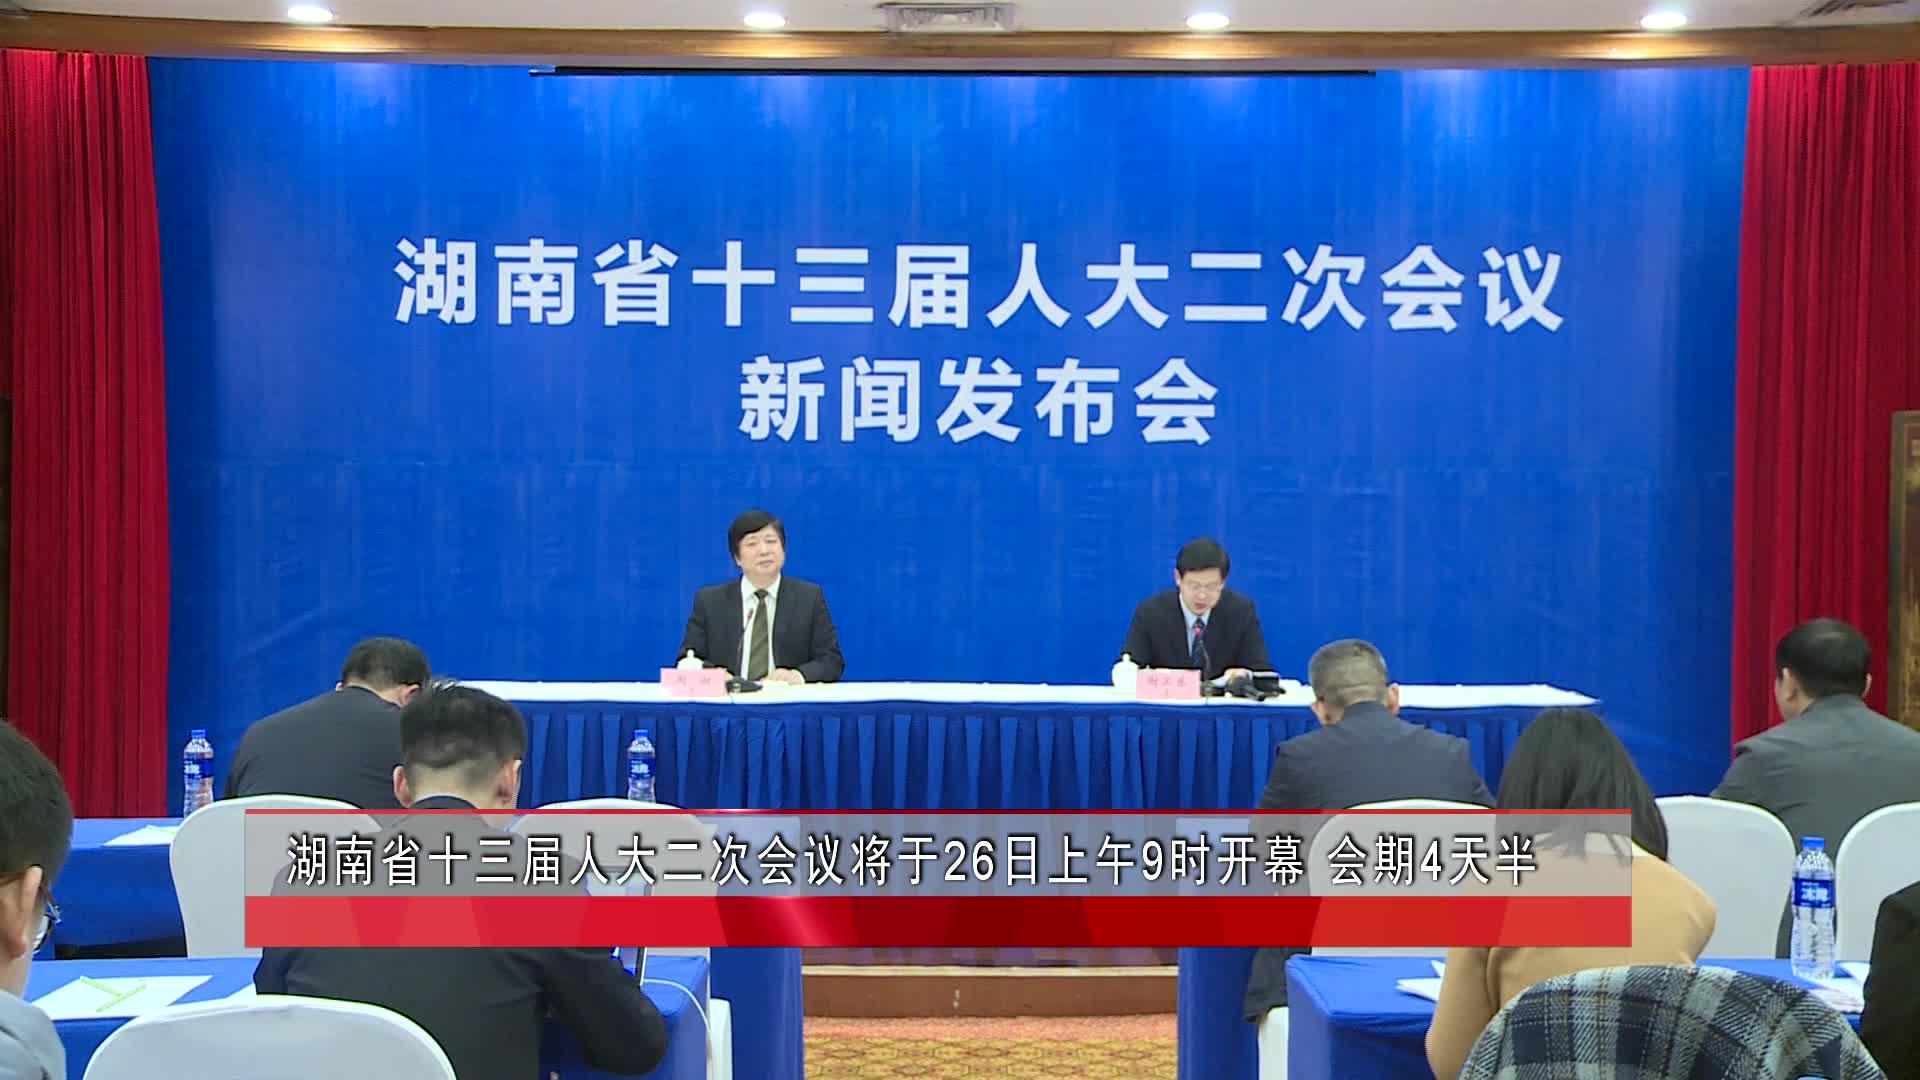 湖南省十三届人大二次会议将于26日上午9时开幕 会期4天半